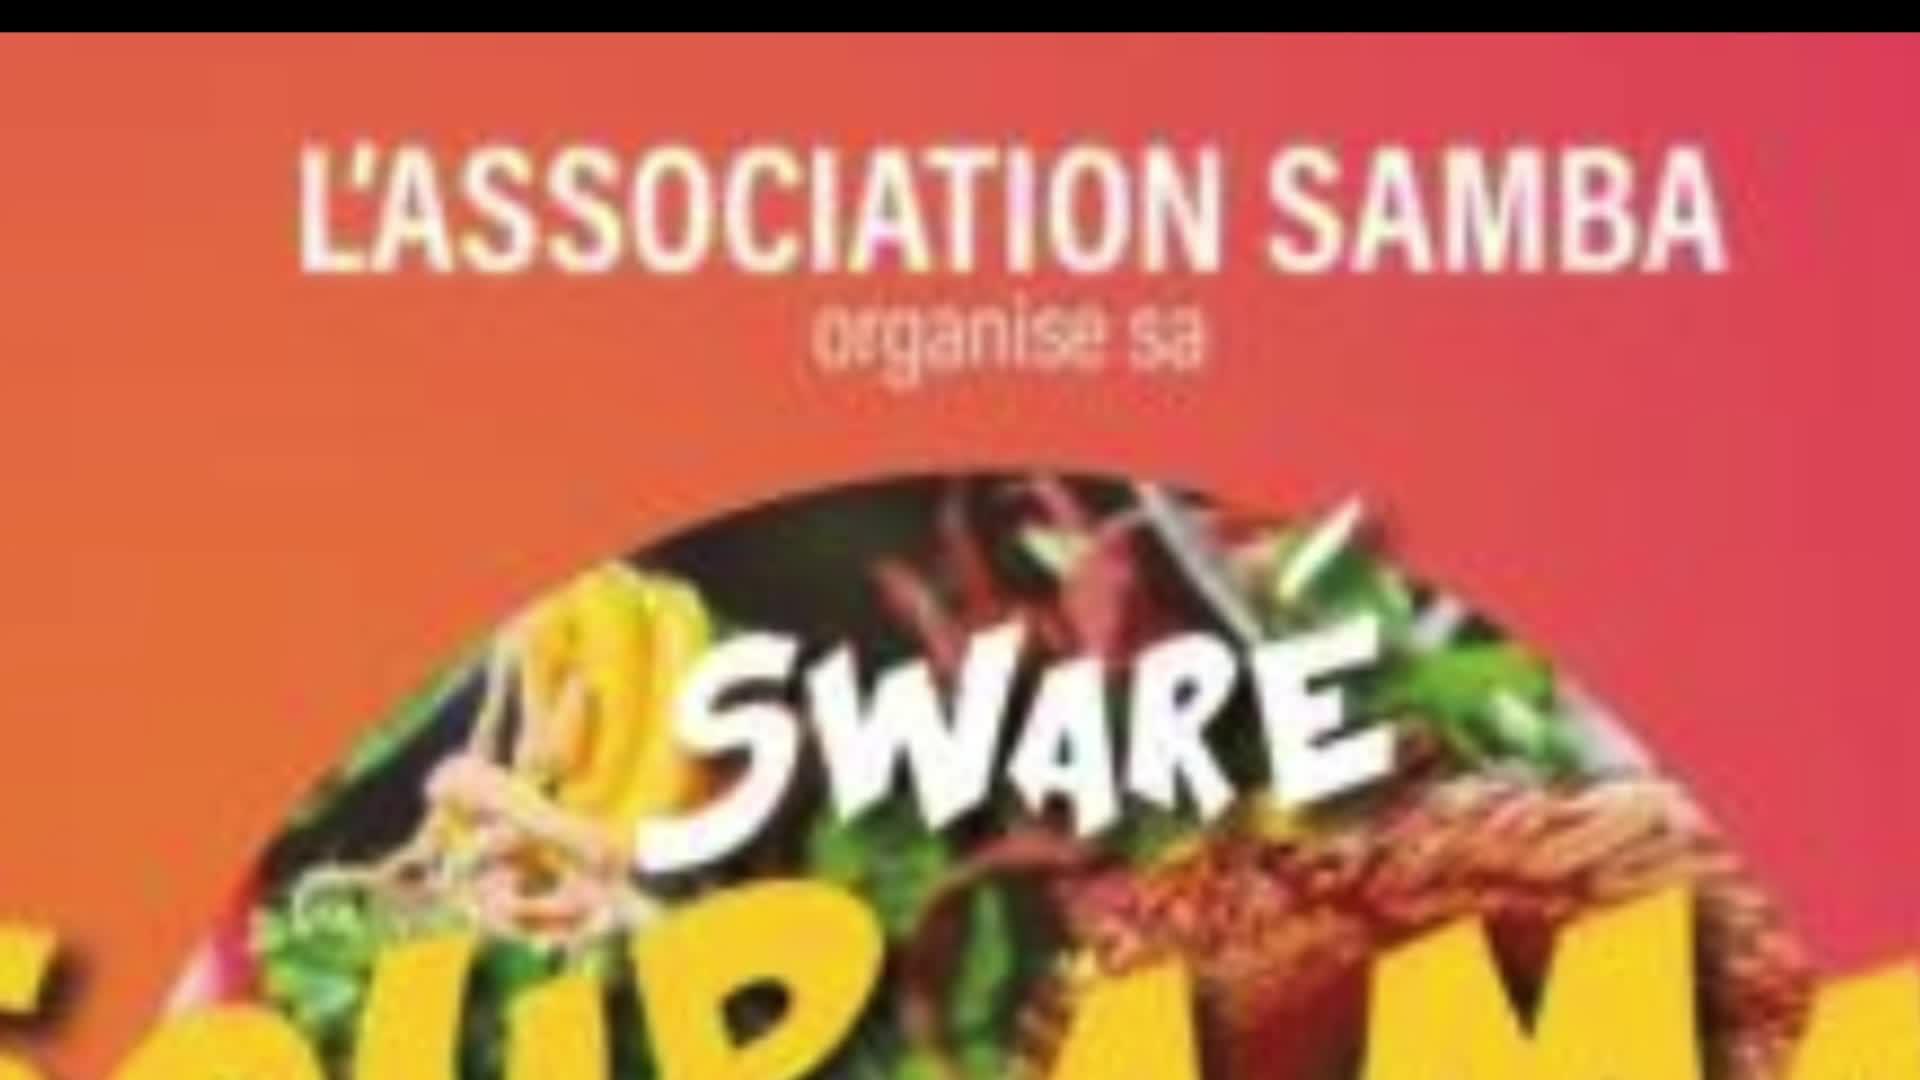 Soirée de partage avec l'association Samba